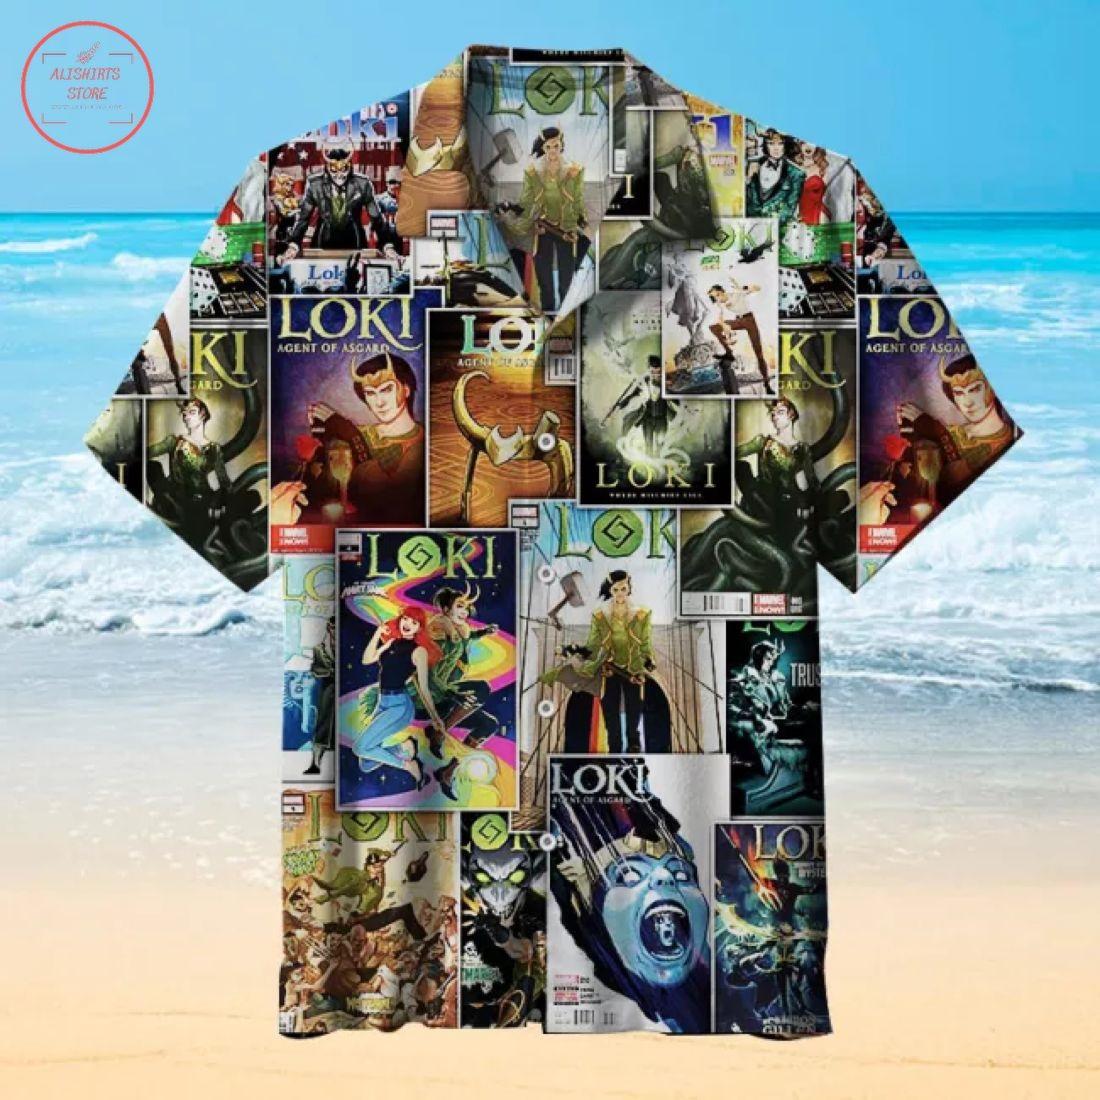 Loki Comics cover Hawaiian Shirt